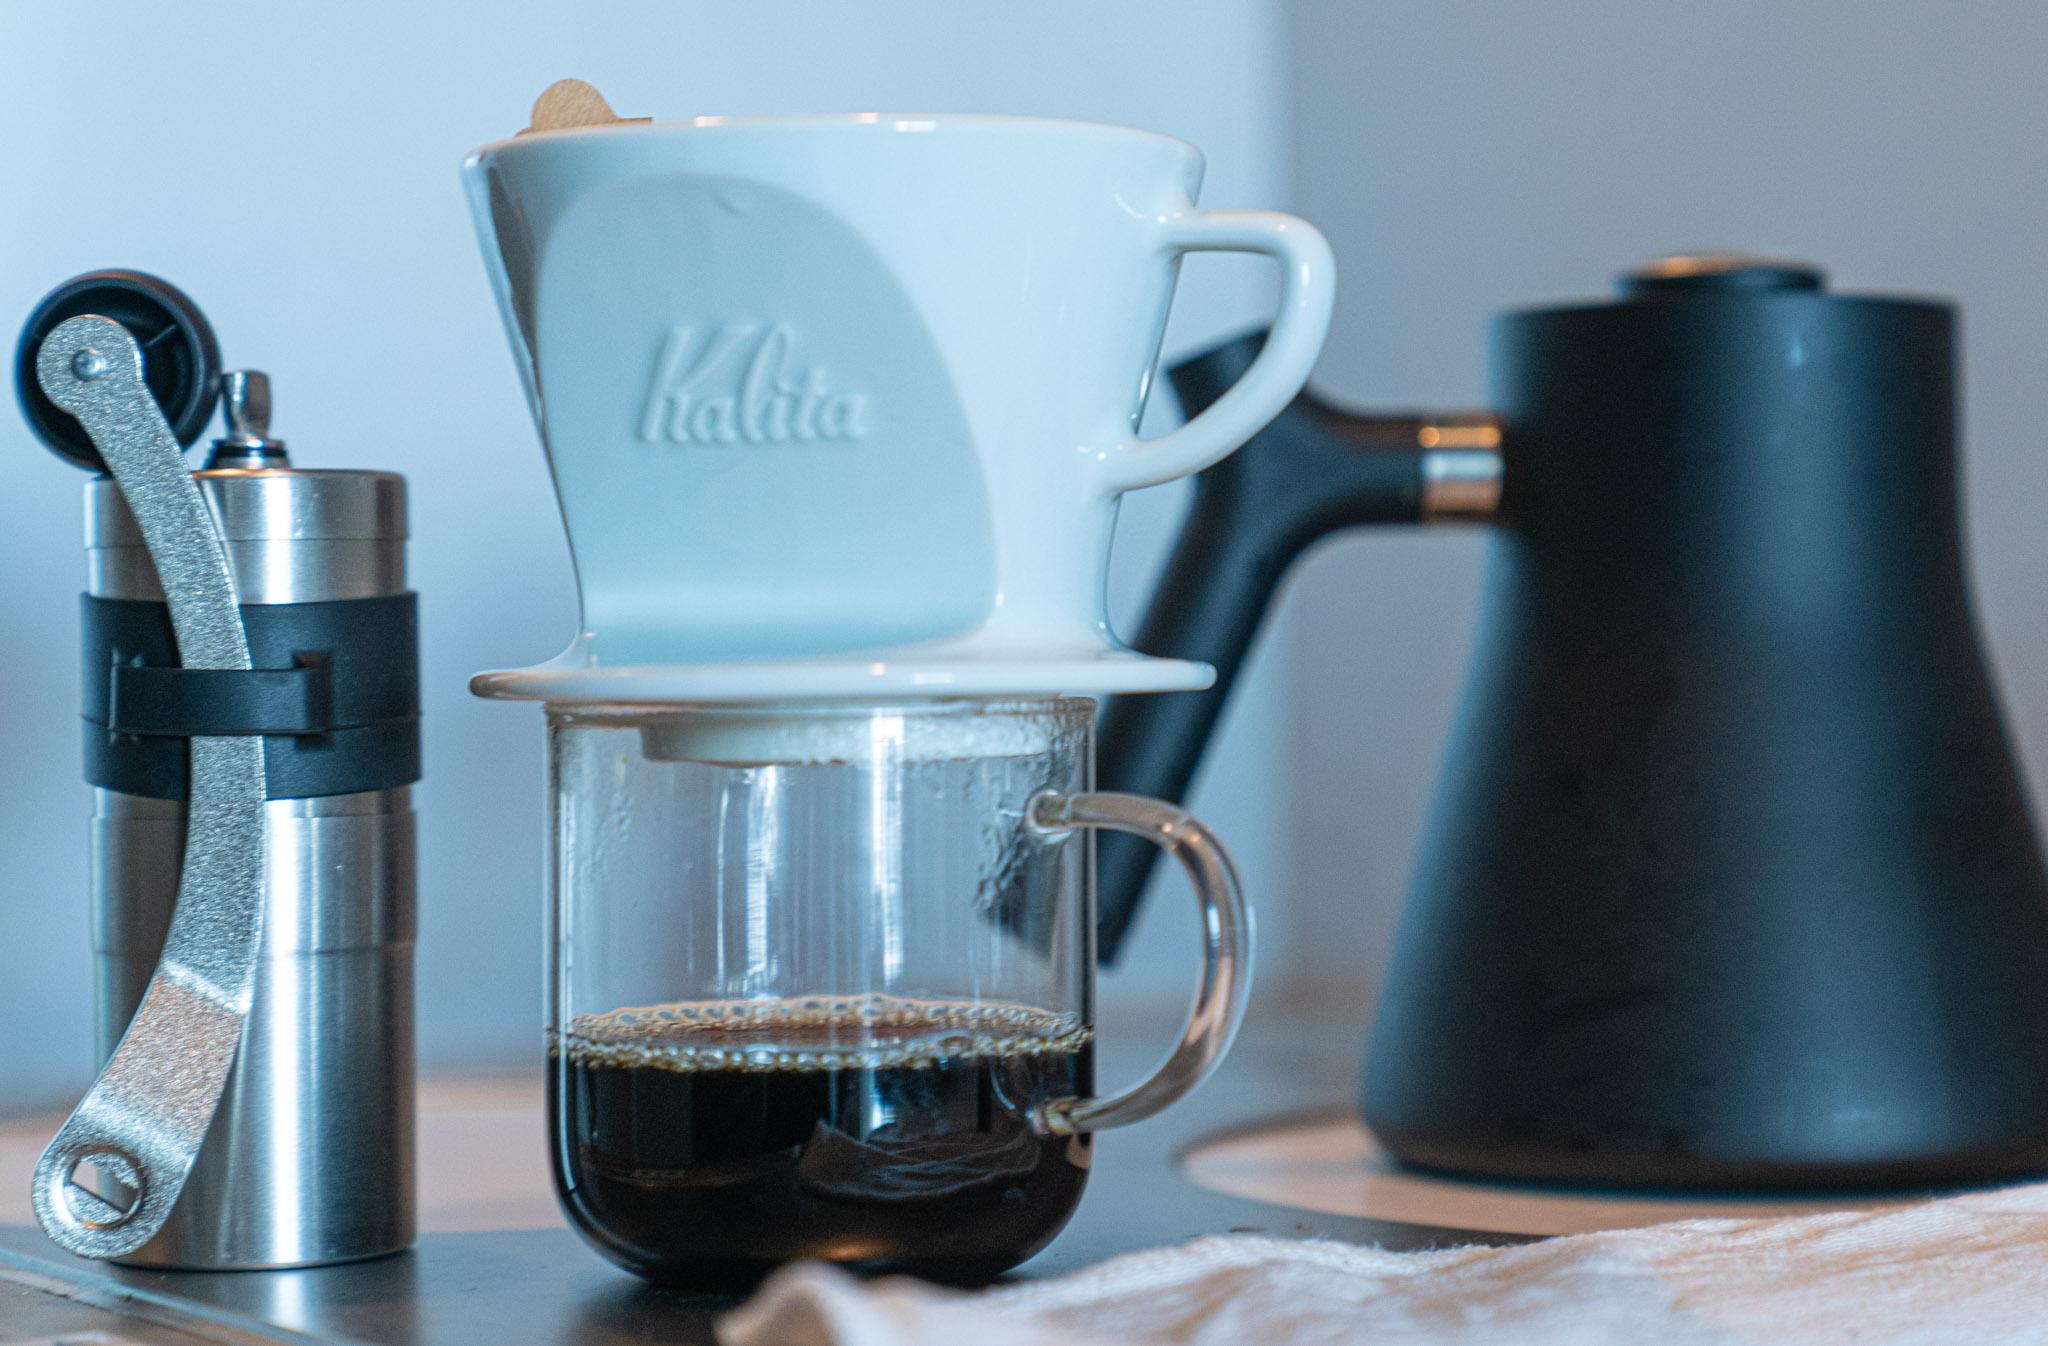 コーヒーミル「ポーレックス ミニ」で忙しい毎日の心を緩めよう